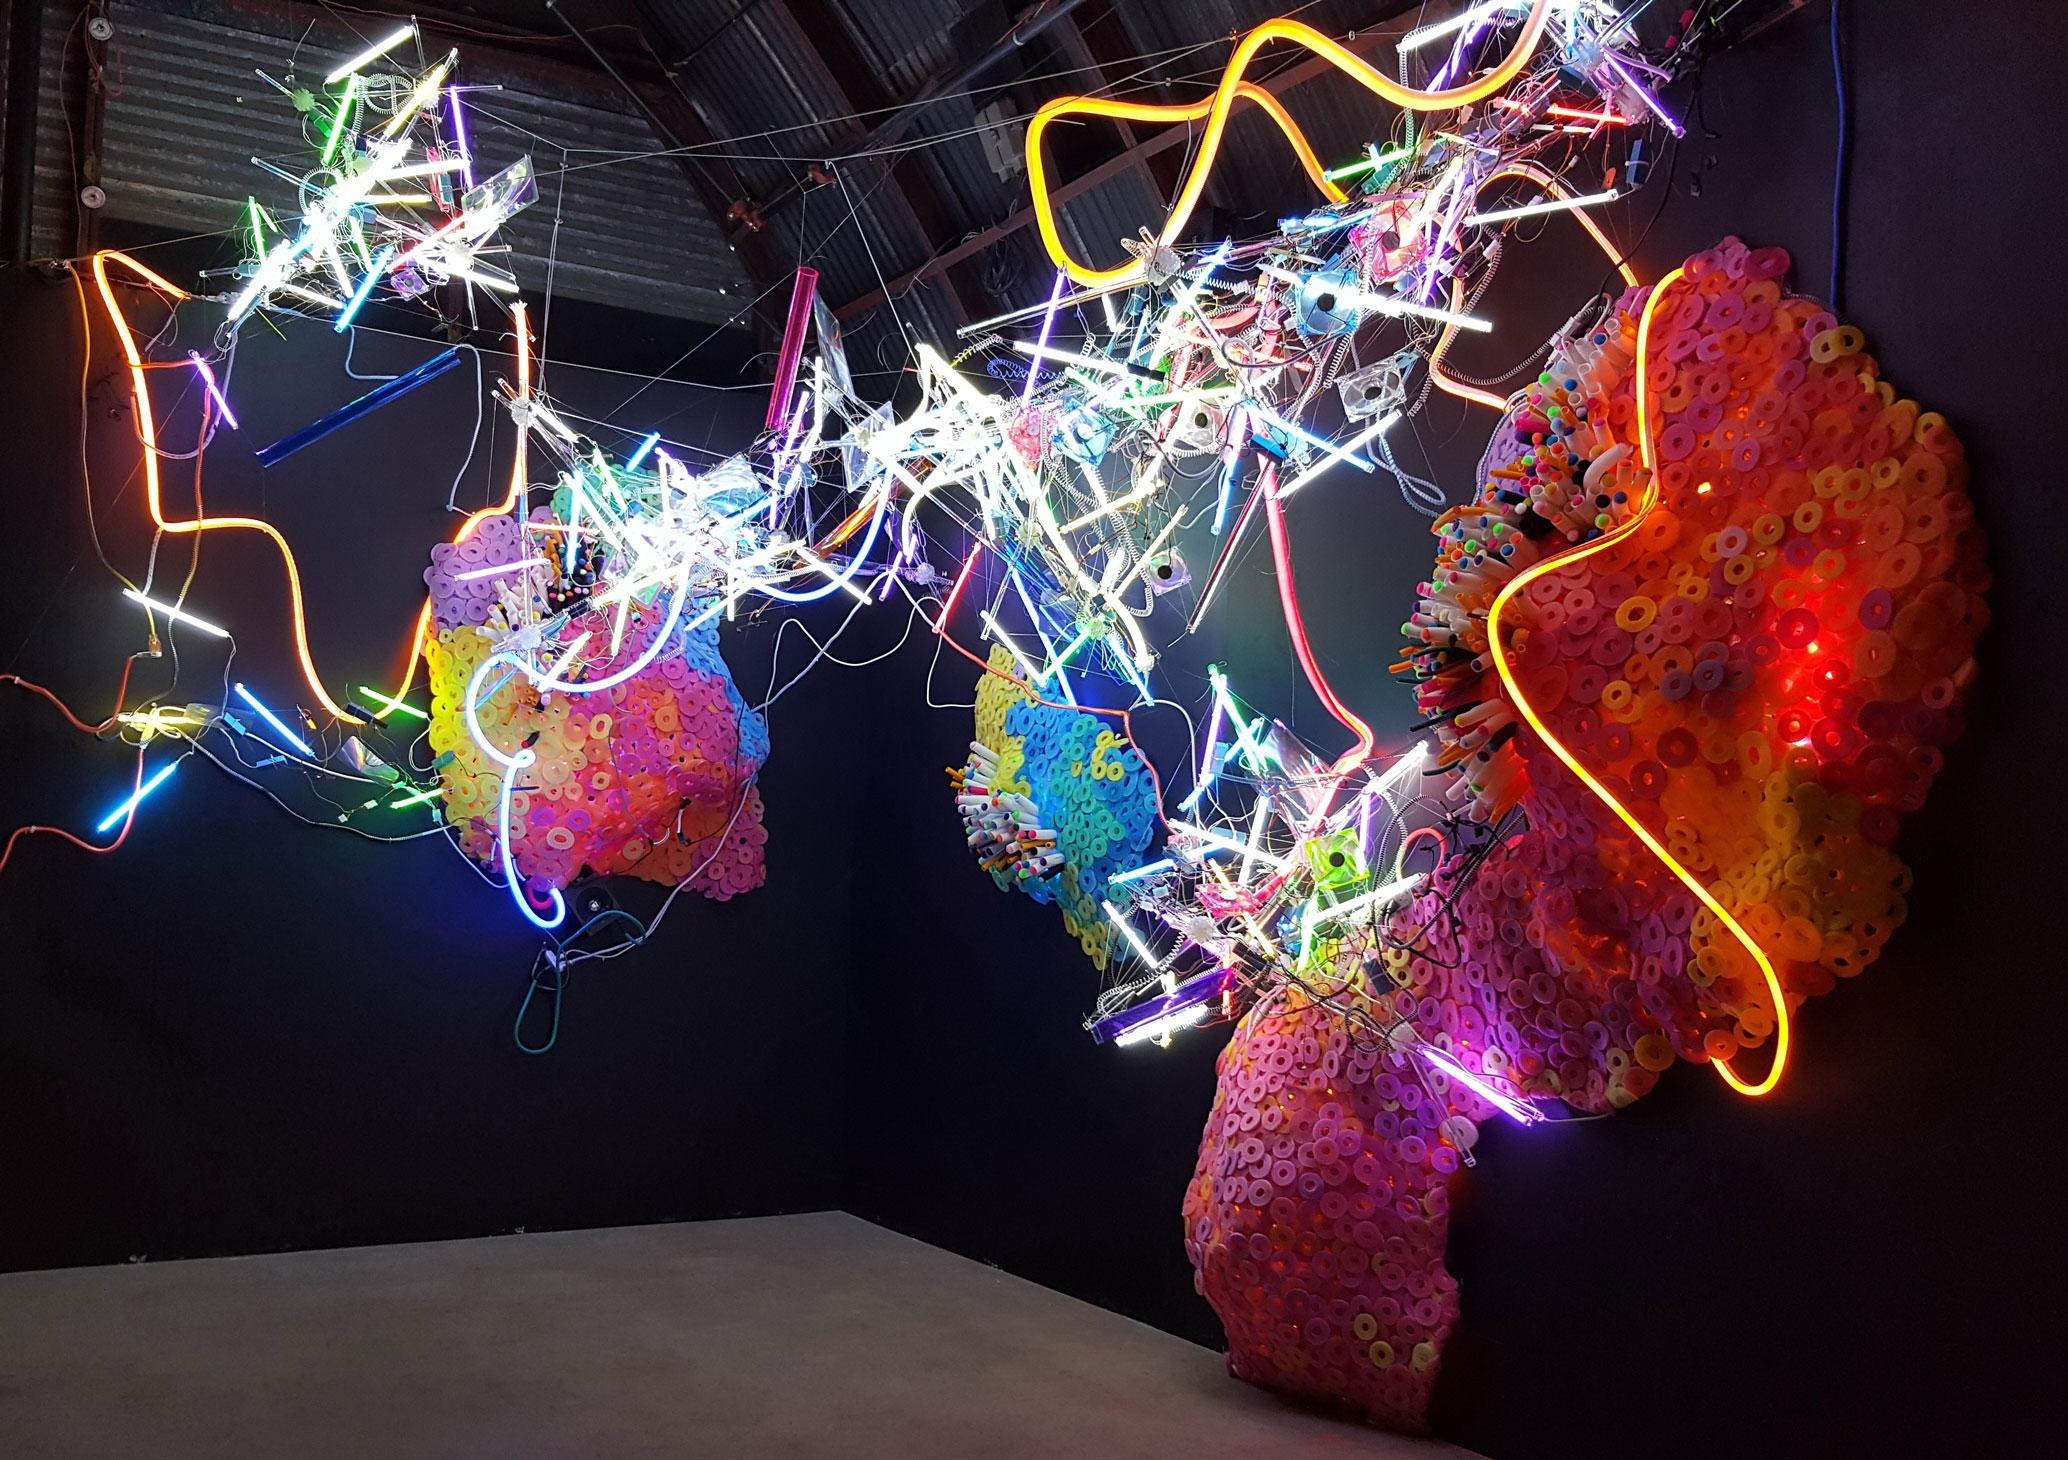 Adela Andea, Primordial Garden Flex Neon, CCF Licht, Plexiglas, Schaumstoff, Ausstellungsansicht, POP Austin, Austin, TX, USA, 2015 © Adela Andea